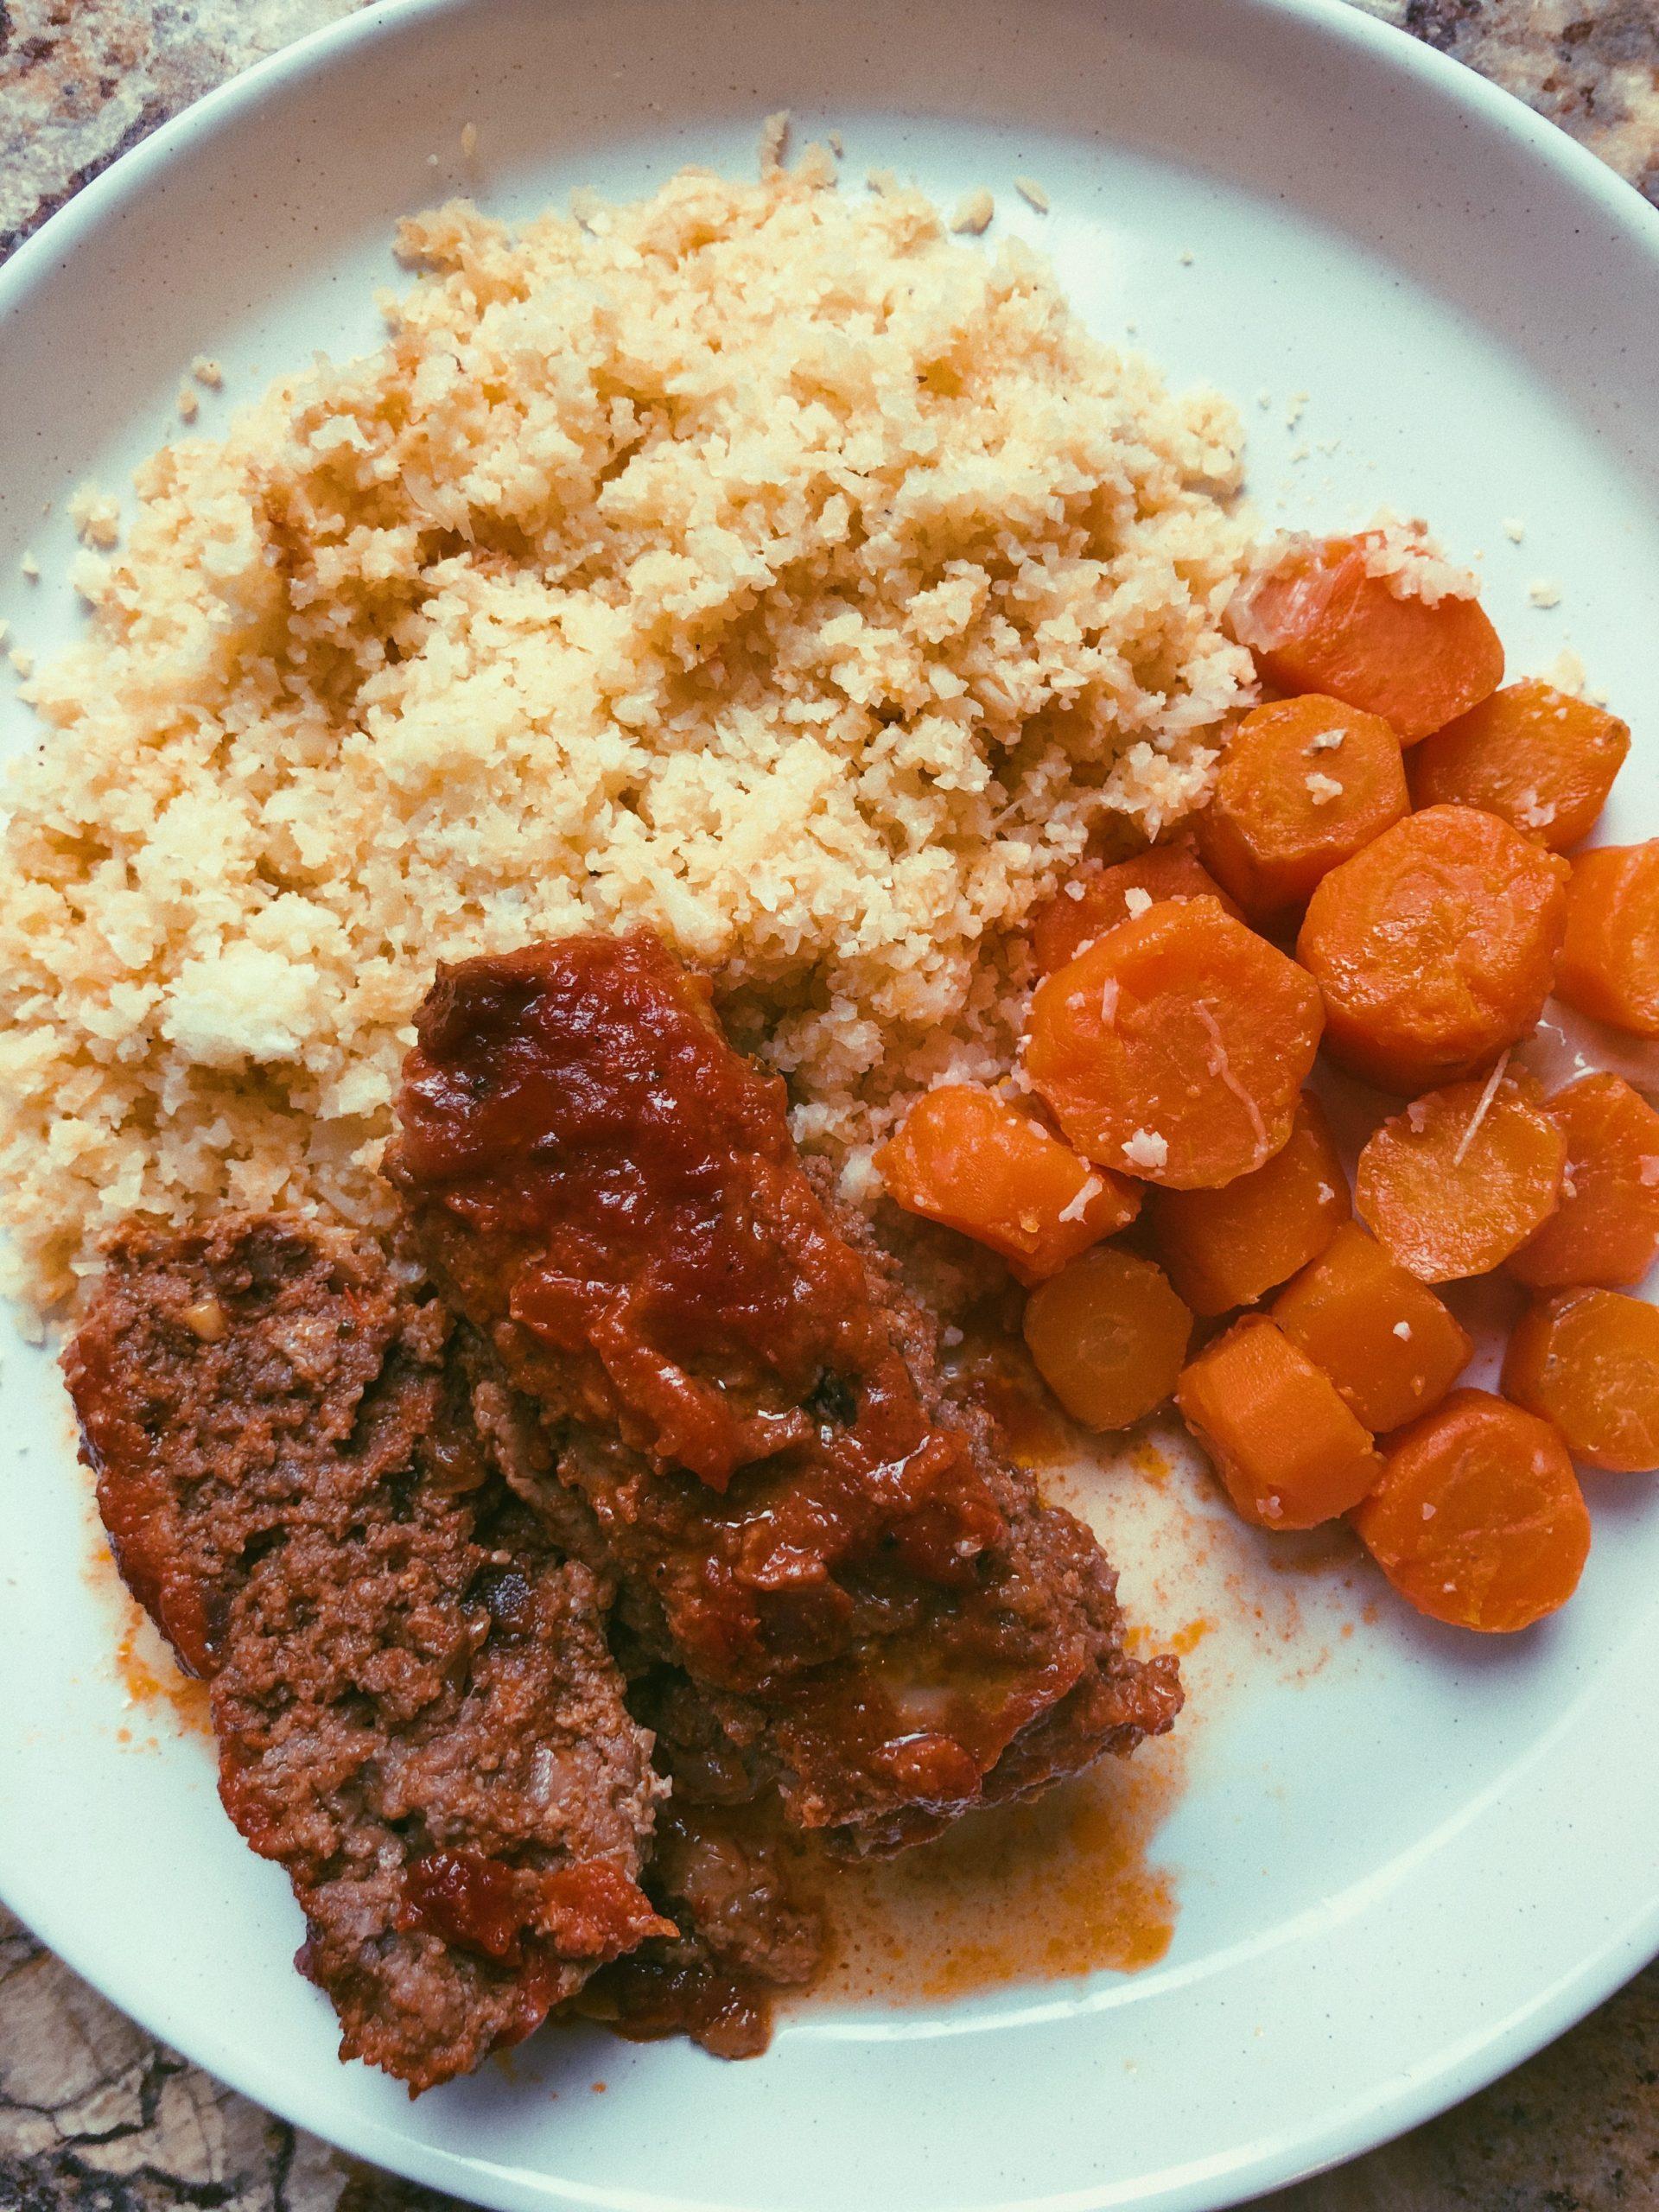 scd diet homemade meatloaf, paleo